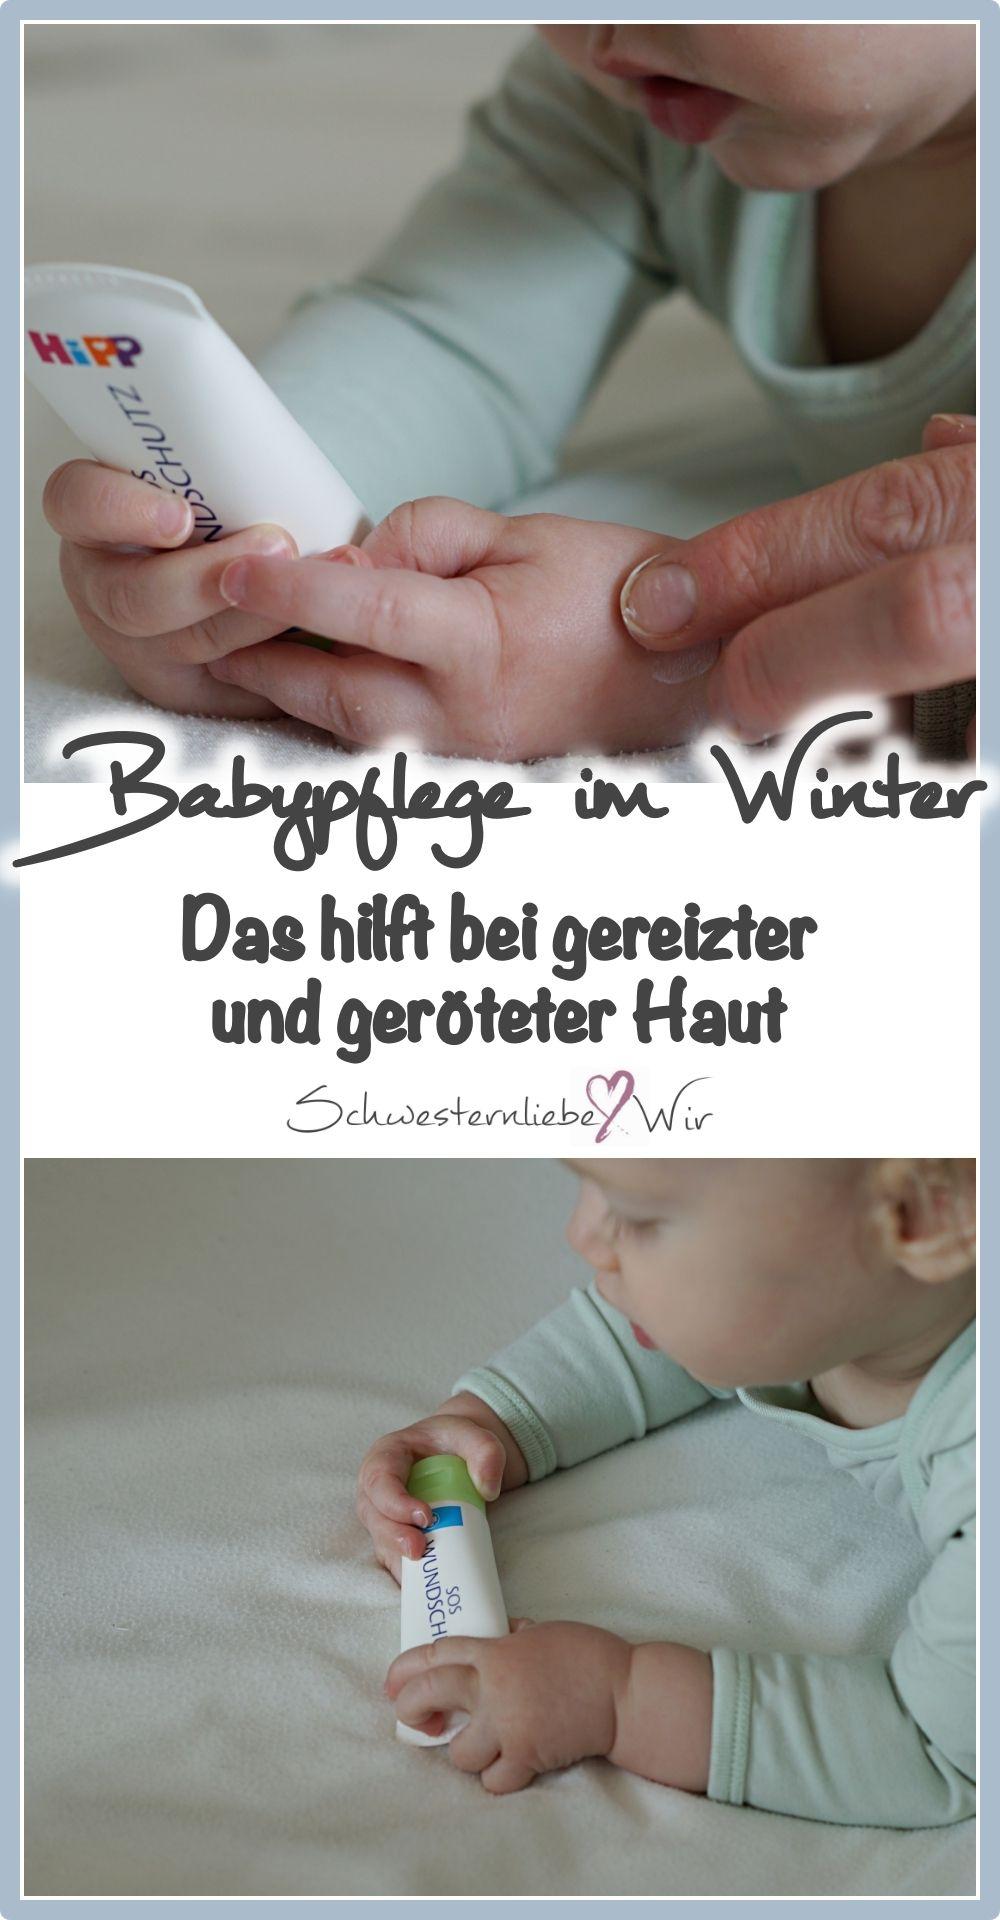 Baby Unsere Losung Fur Gerotete Und Gereizte Haut Mit Hipp Babysaft Sos Wundschutz Baby Babypflege Haut